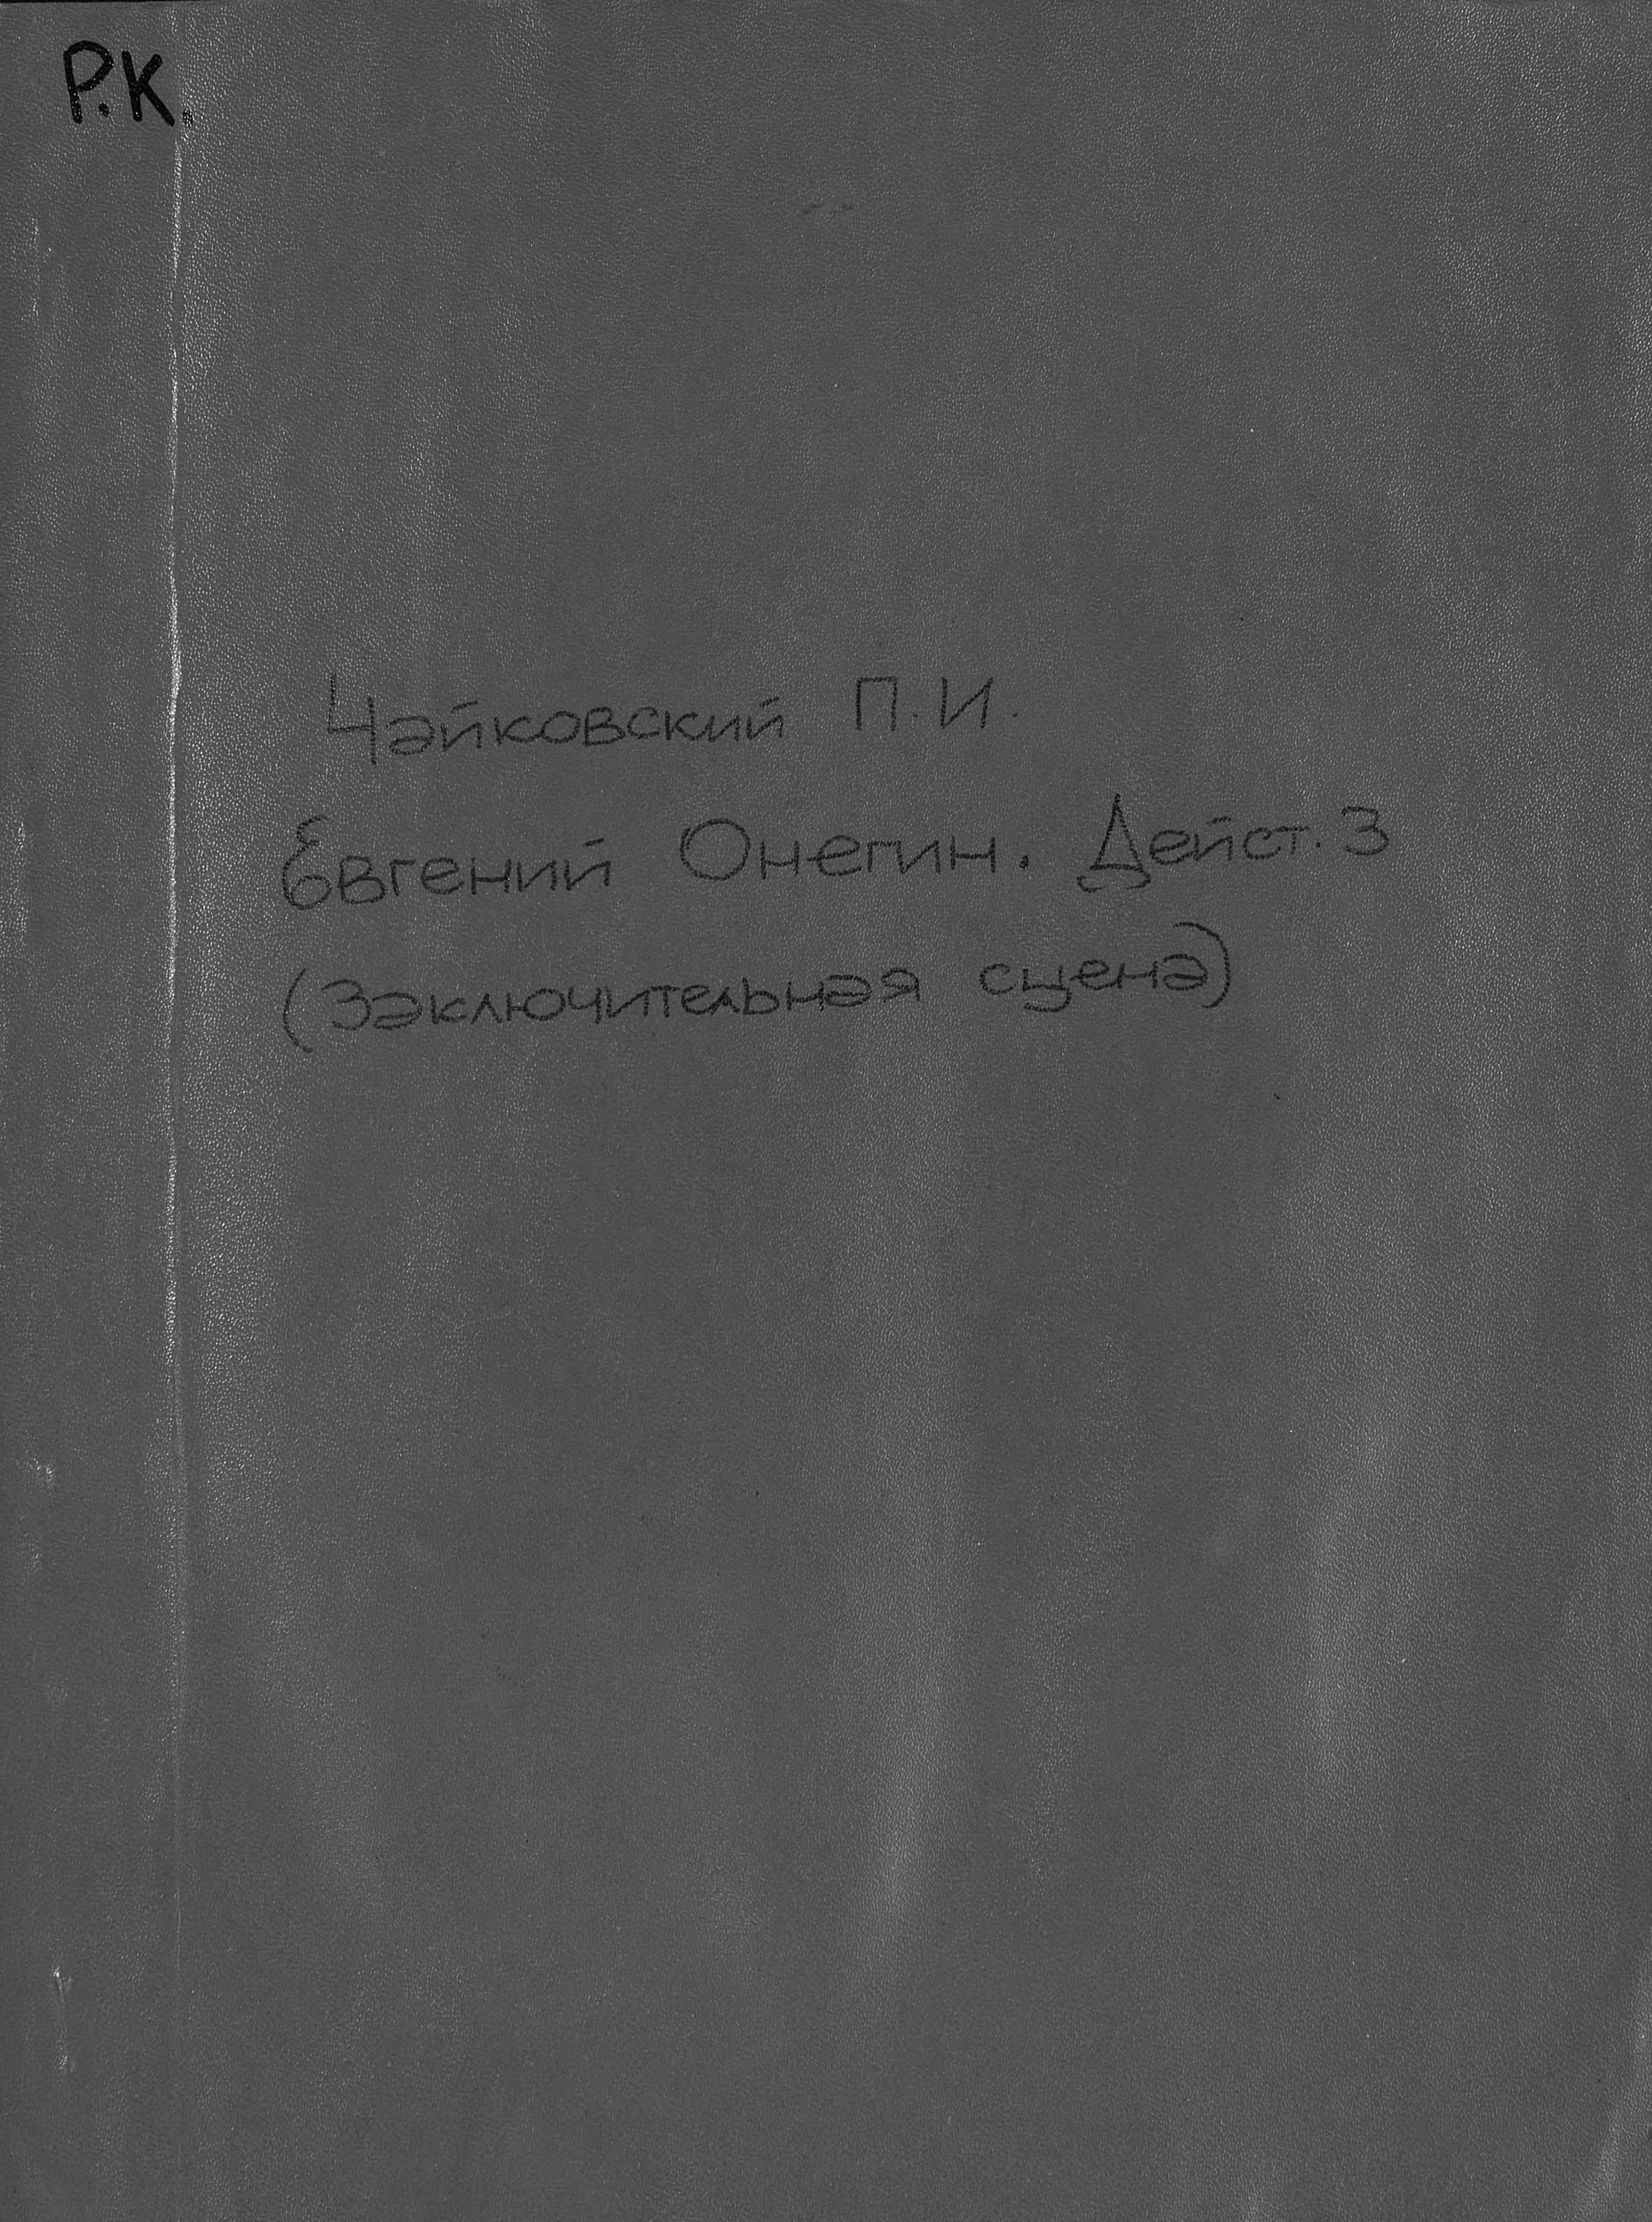 Петр Ильич Чайковский Заключительная сцена № 22 из третьего действия оперы